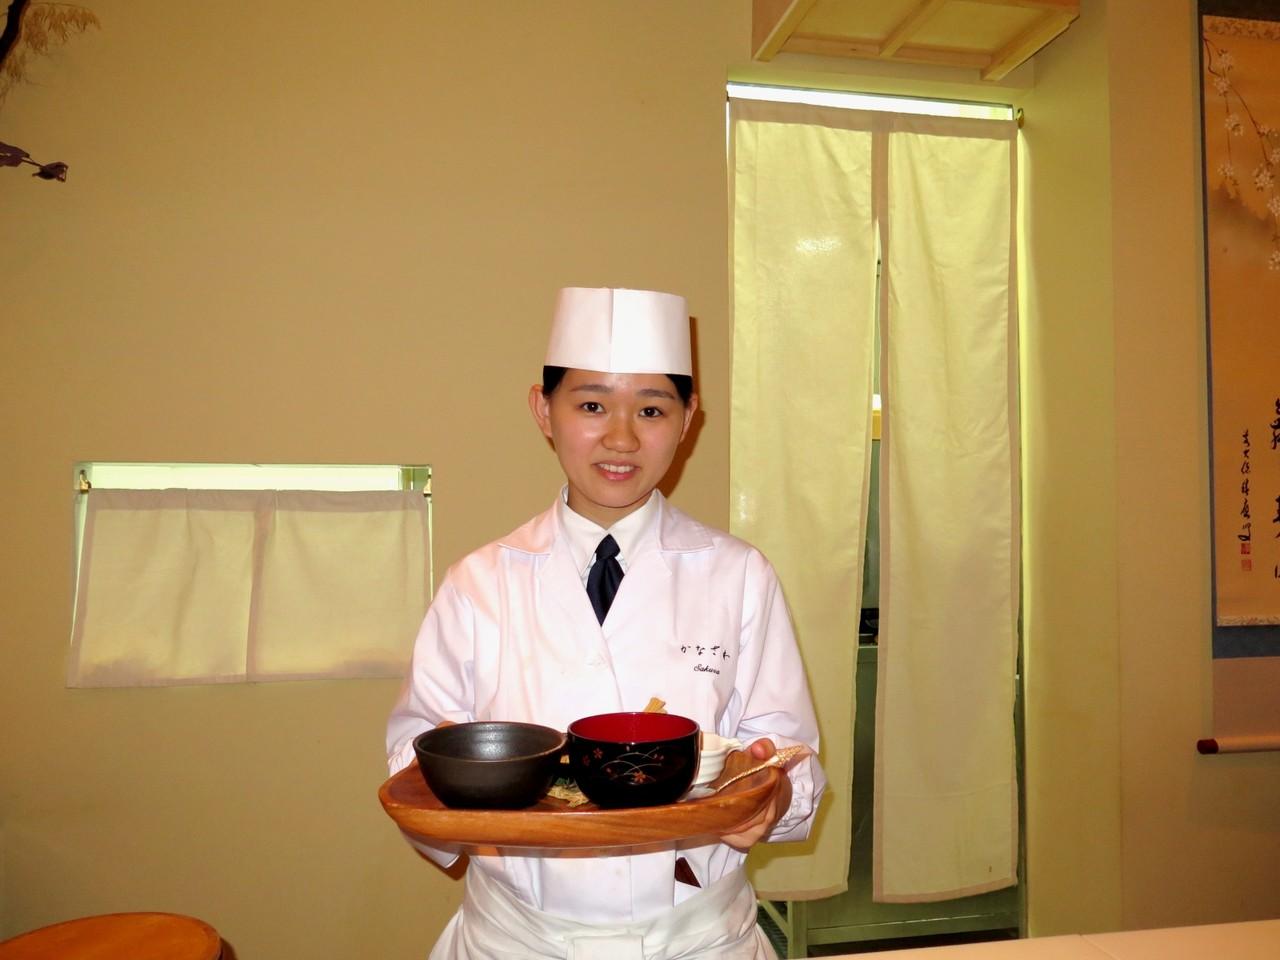 Sakura e a bandeja (oshiki) que abriu o menu de degustação do KANAZAWA